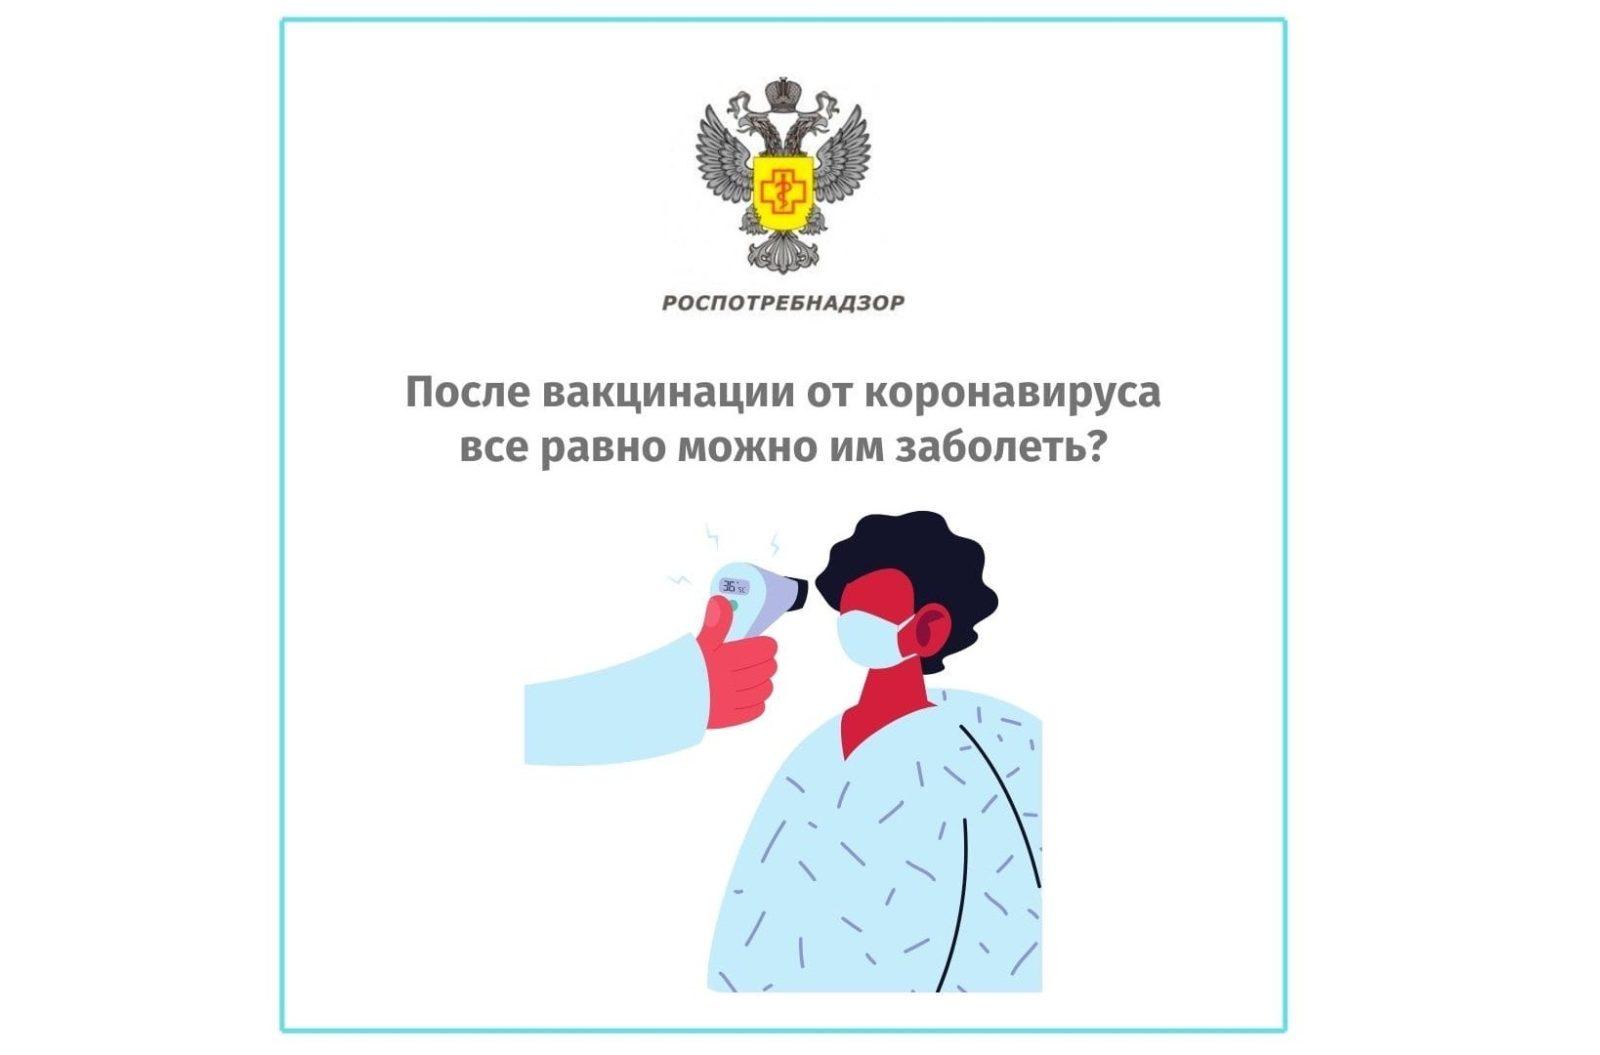 Возможно ли заболеть коронавирусом после прививки? Ответ эксперта.